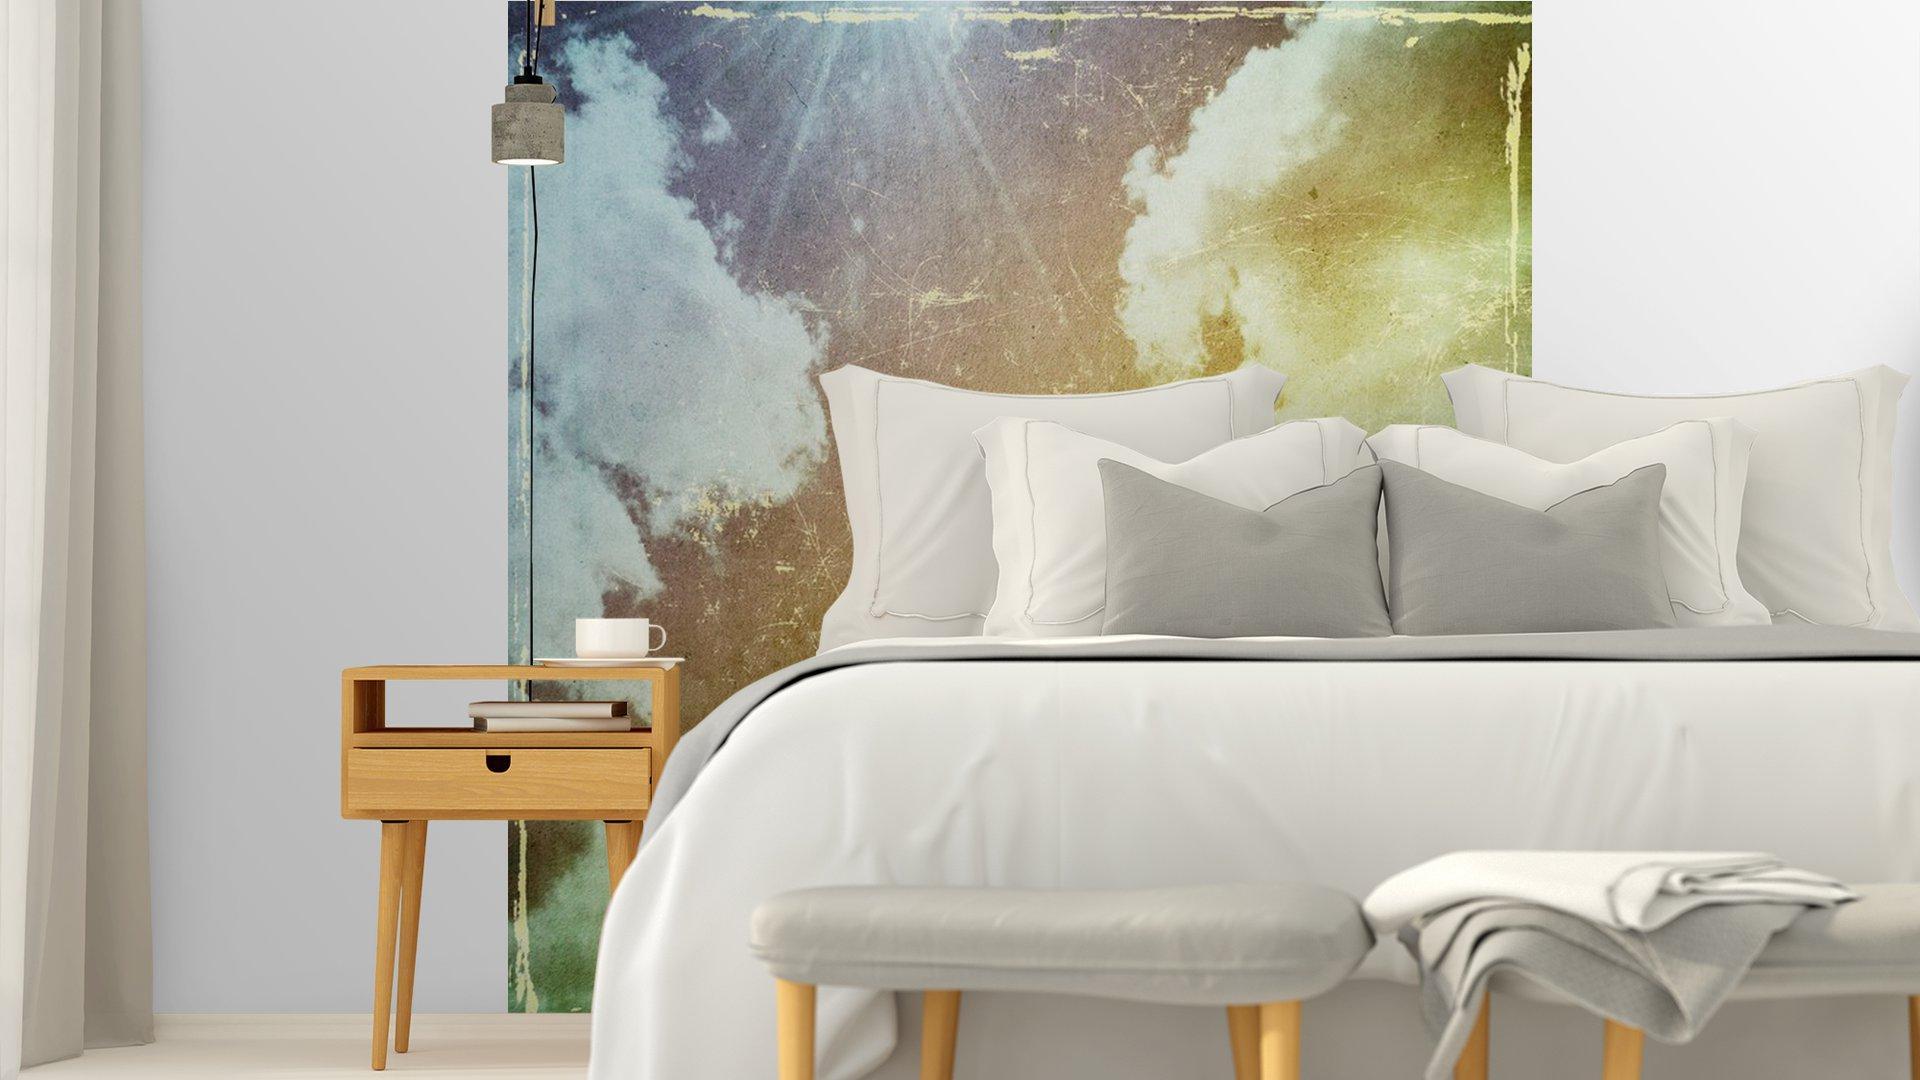 GRUNGE TEXTURA DE PAPEL. LA NATURALEZA DE FONDO ABSTRACTO5 - Fotomural Tapiz Abstracto Nubes Tipo Grunge